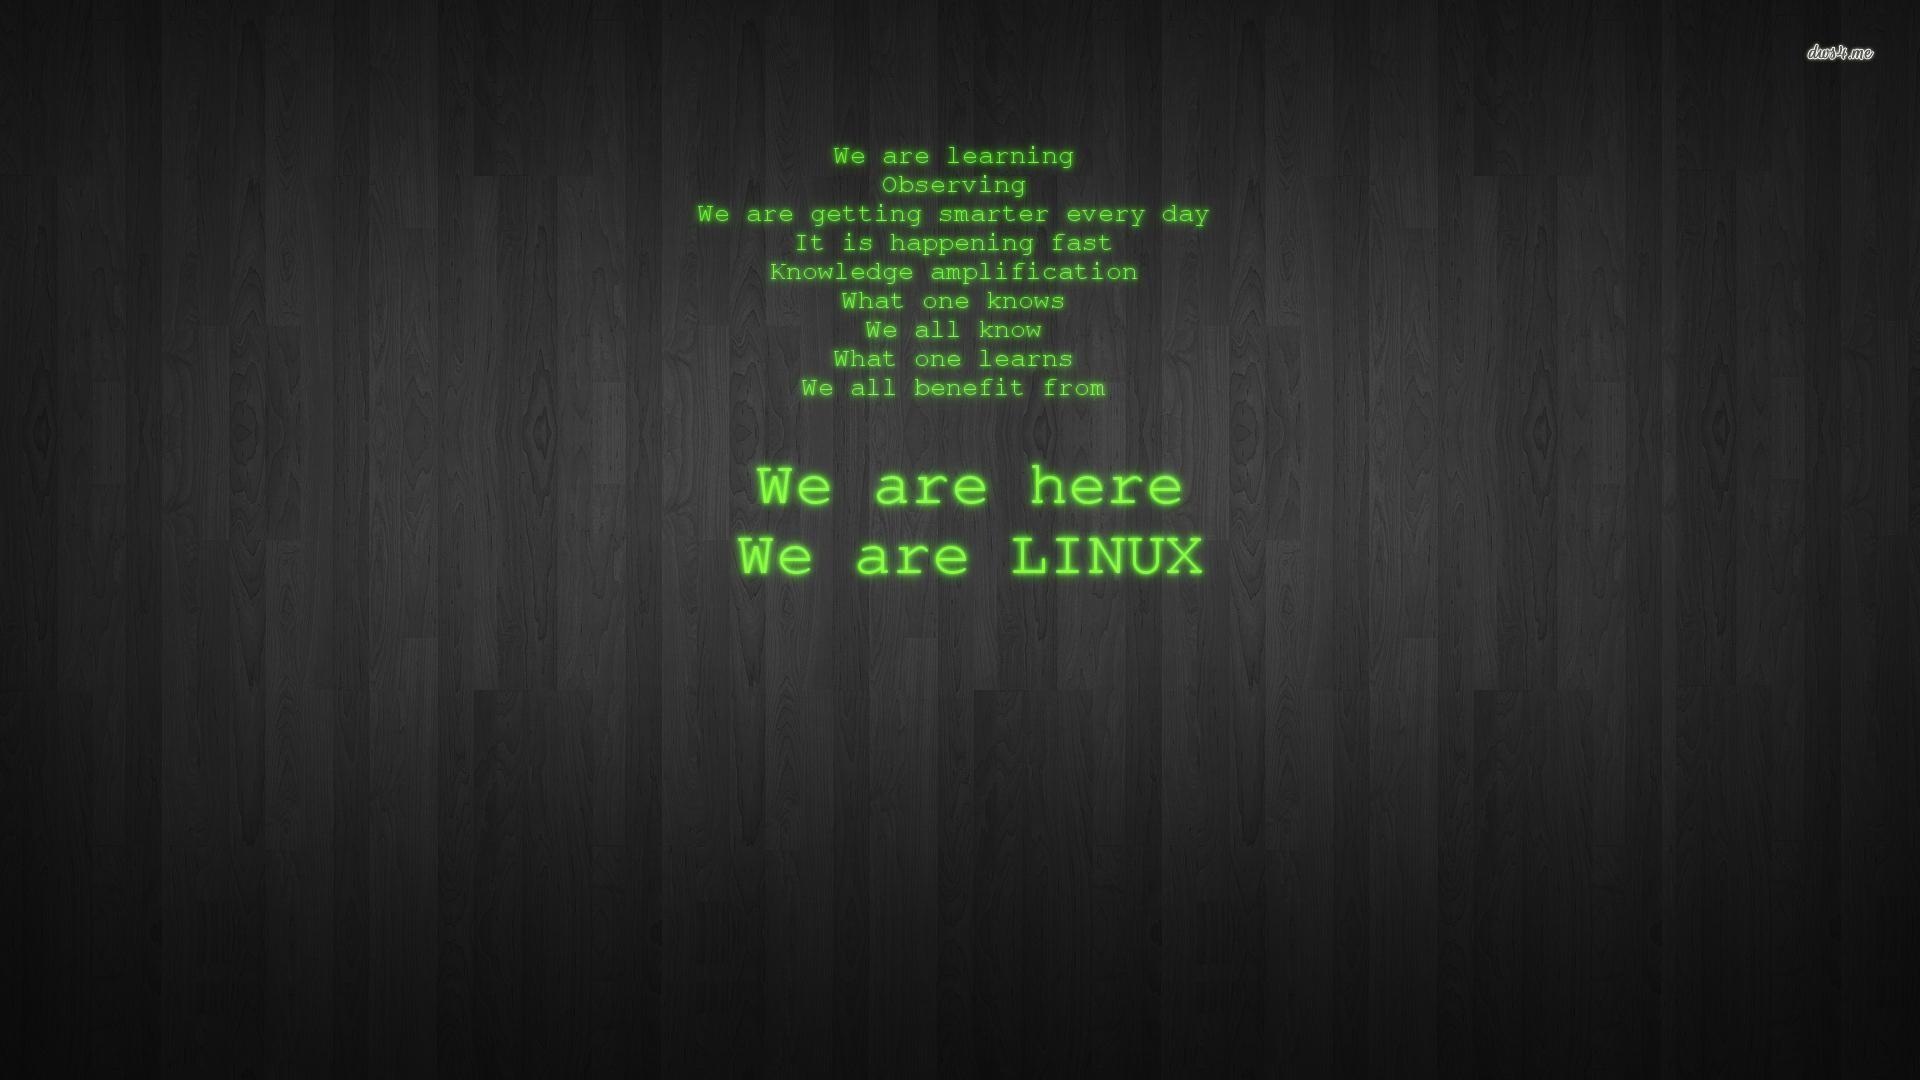 Linux Desktop Wallpaper – WallpaperSafari